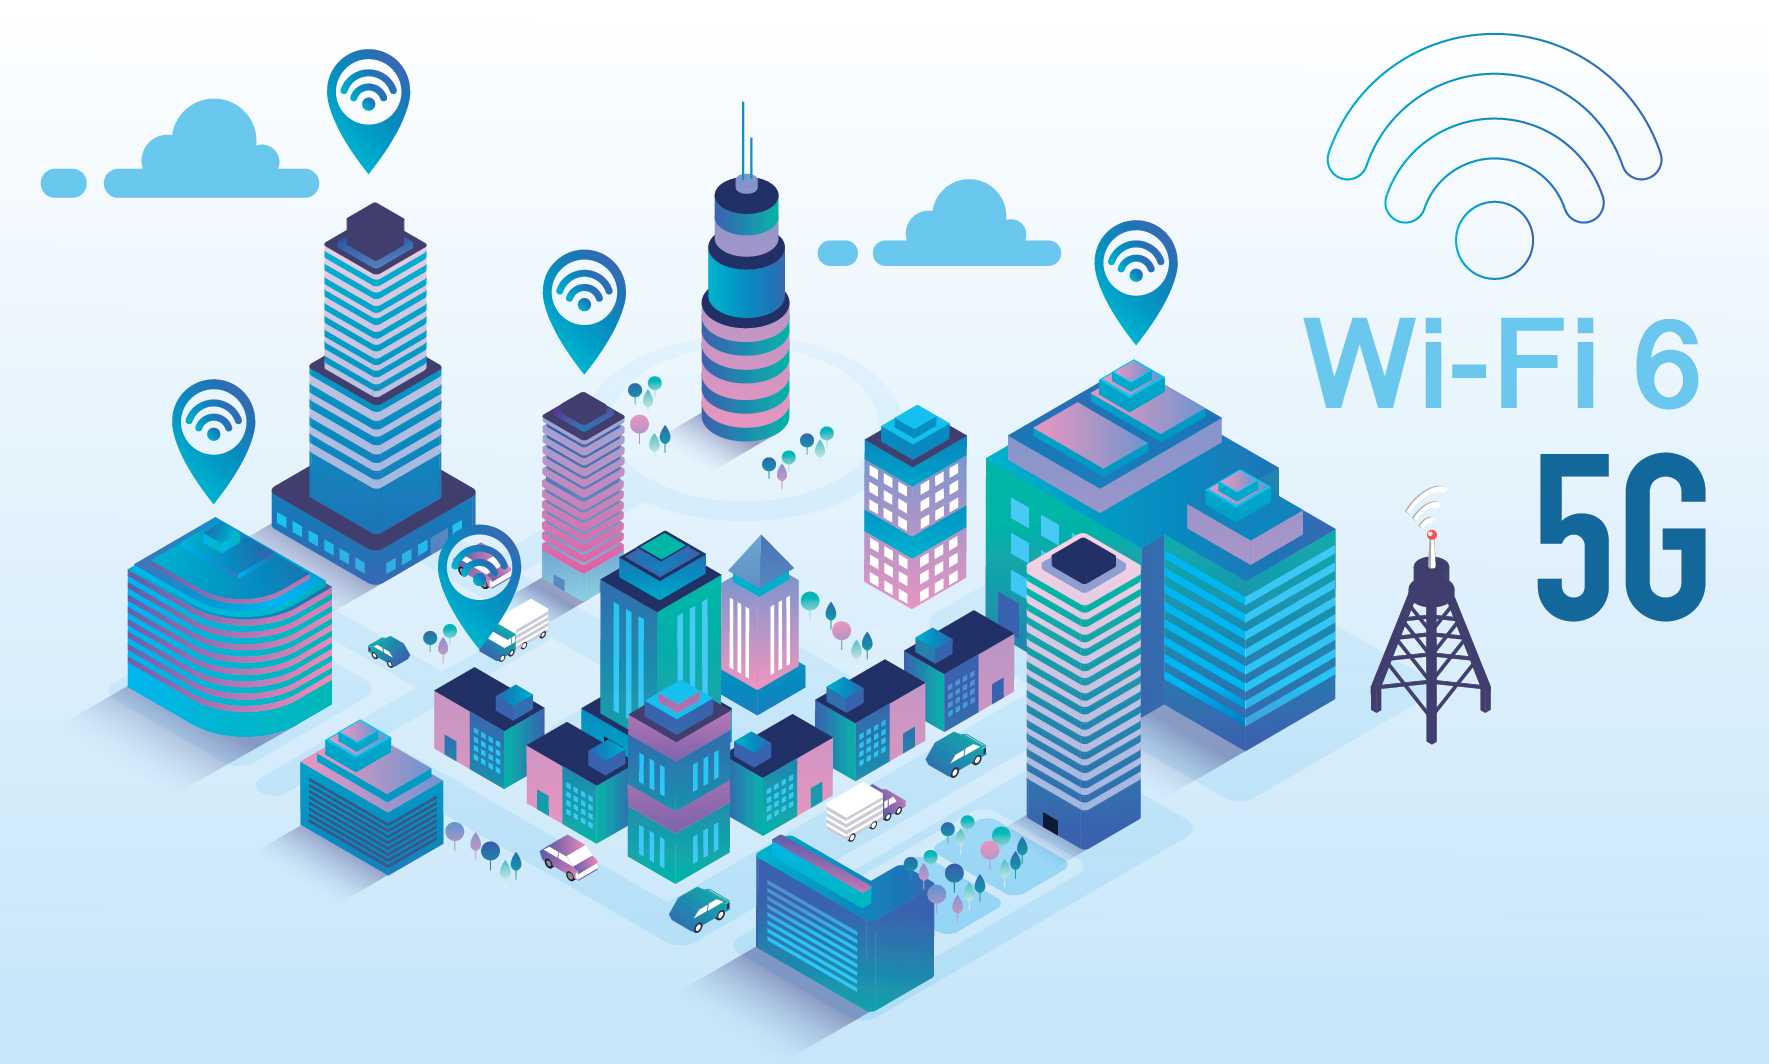 5 สิ่งที่คุณควรทราบเกี่ยวกับ Wi-Fi 6 และ 5G